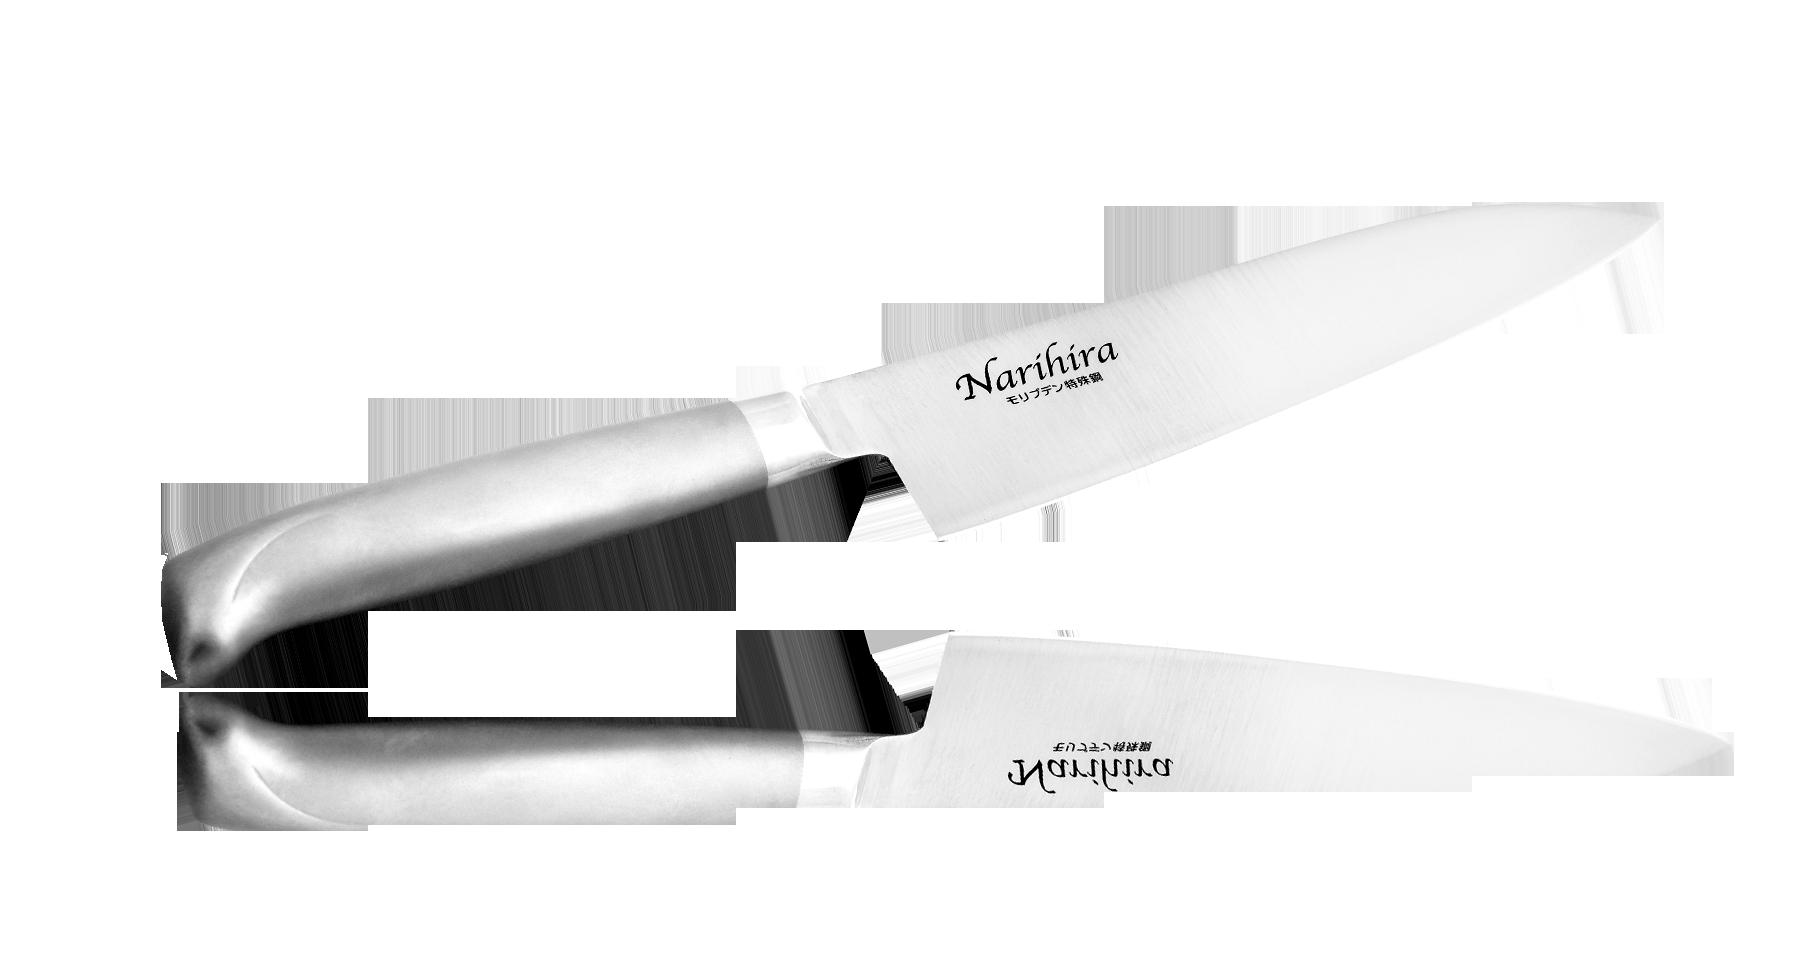 Нож Сантоку Narihira Tojiro, 180 мм, сталь AUS-8, стальная рукоятьНожи шефа (поварские ножи)<br>Нож Сантоку Narihira 180 мм, сталь AUS-8, стальная рукоять<br>